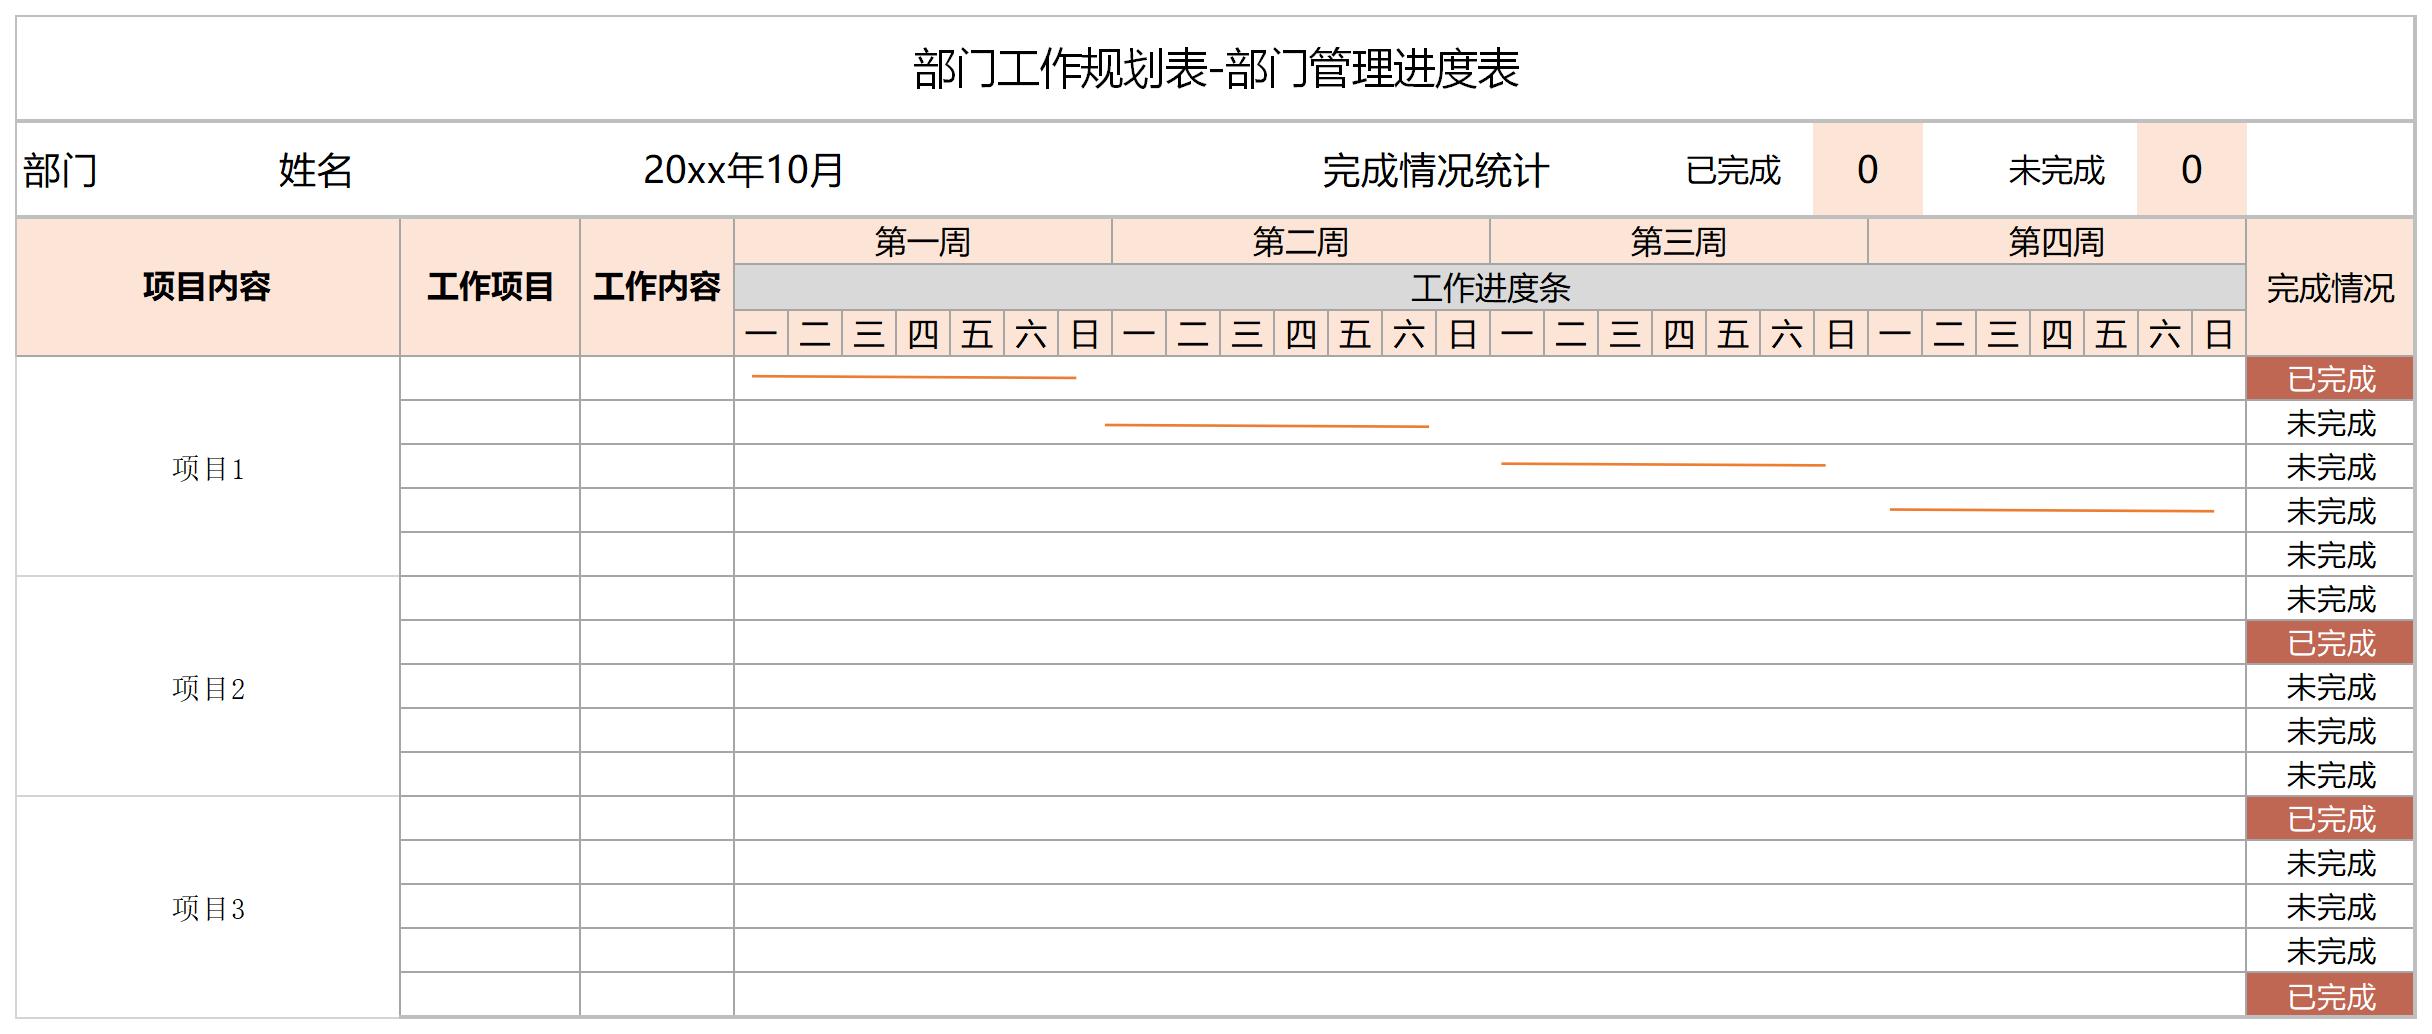 部门工作规划表截图